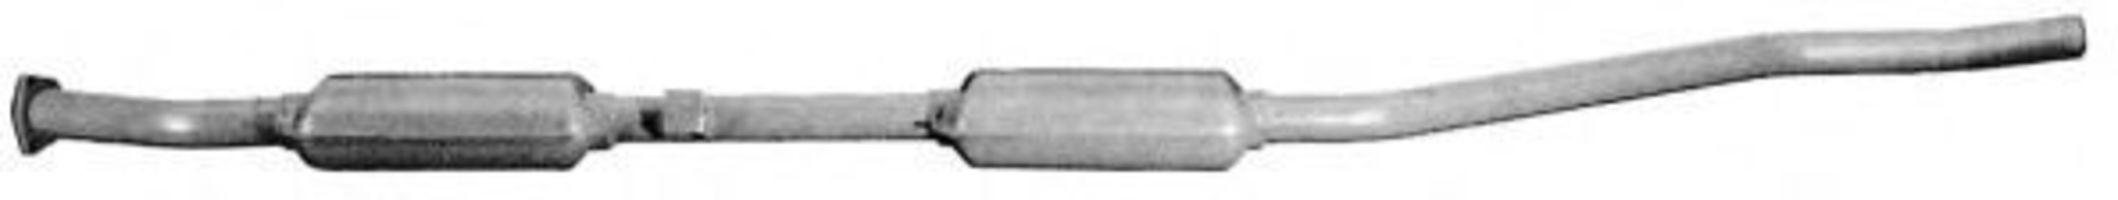 Средний глушитель выхлопных газов IMASAF 191106